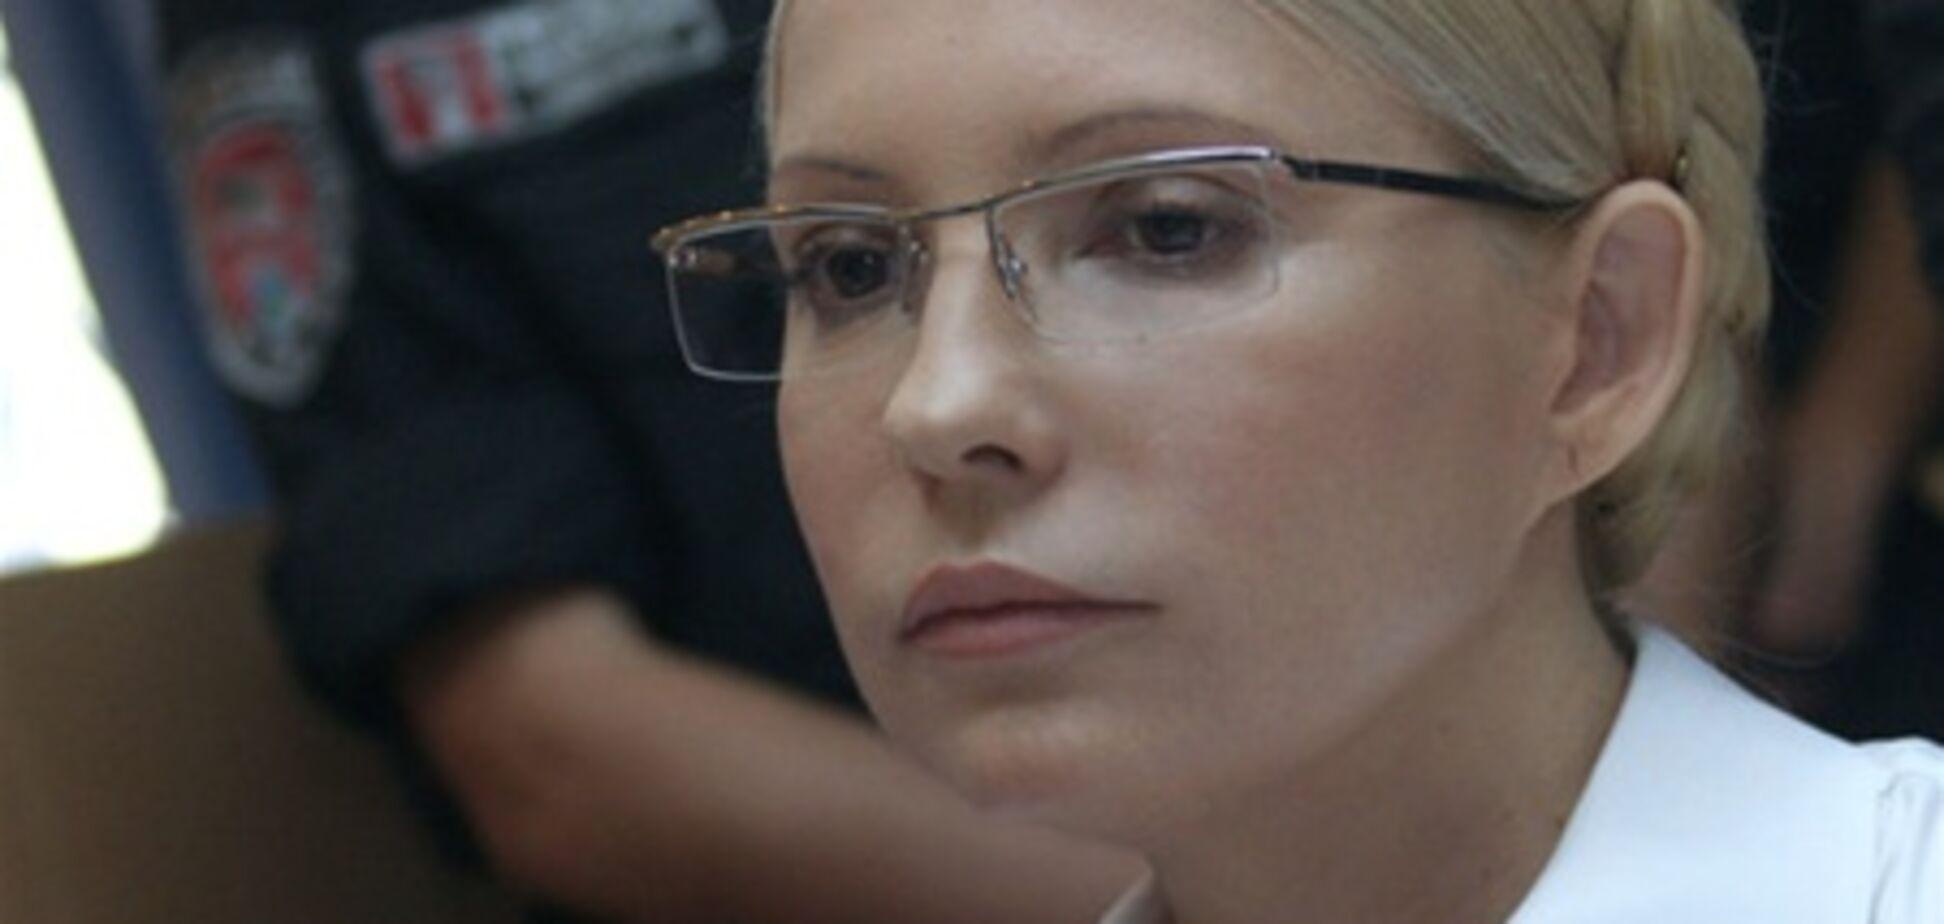 Тимошенко здала кров і пройшла томографію - ДПСУ